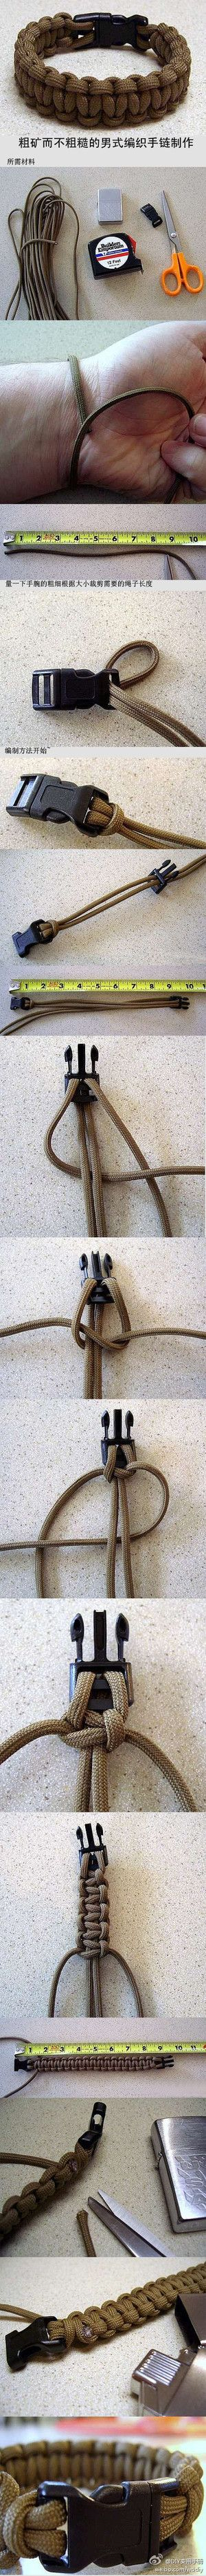 粗犷而不粗糙的男式编织手链制作教程~(图源自花瓣网) - 堆糖 发现生活_收集美好_分享图片